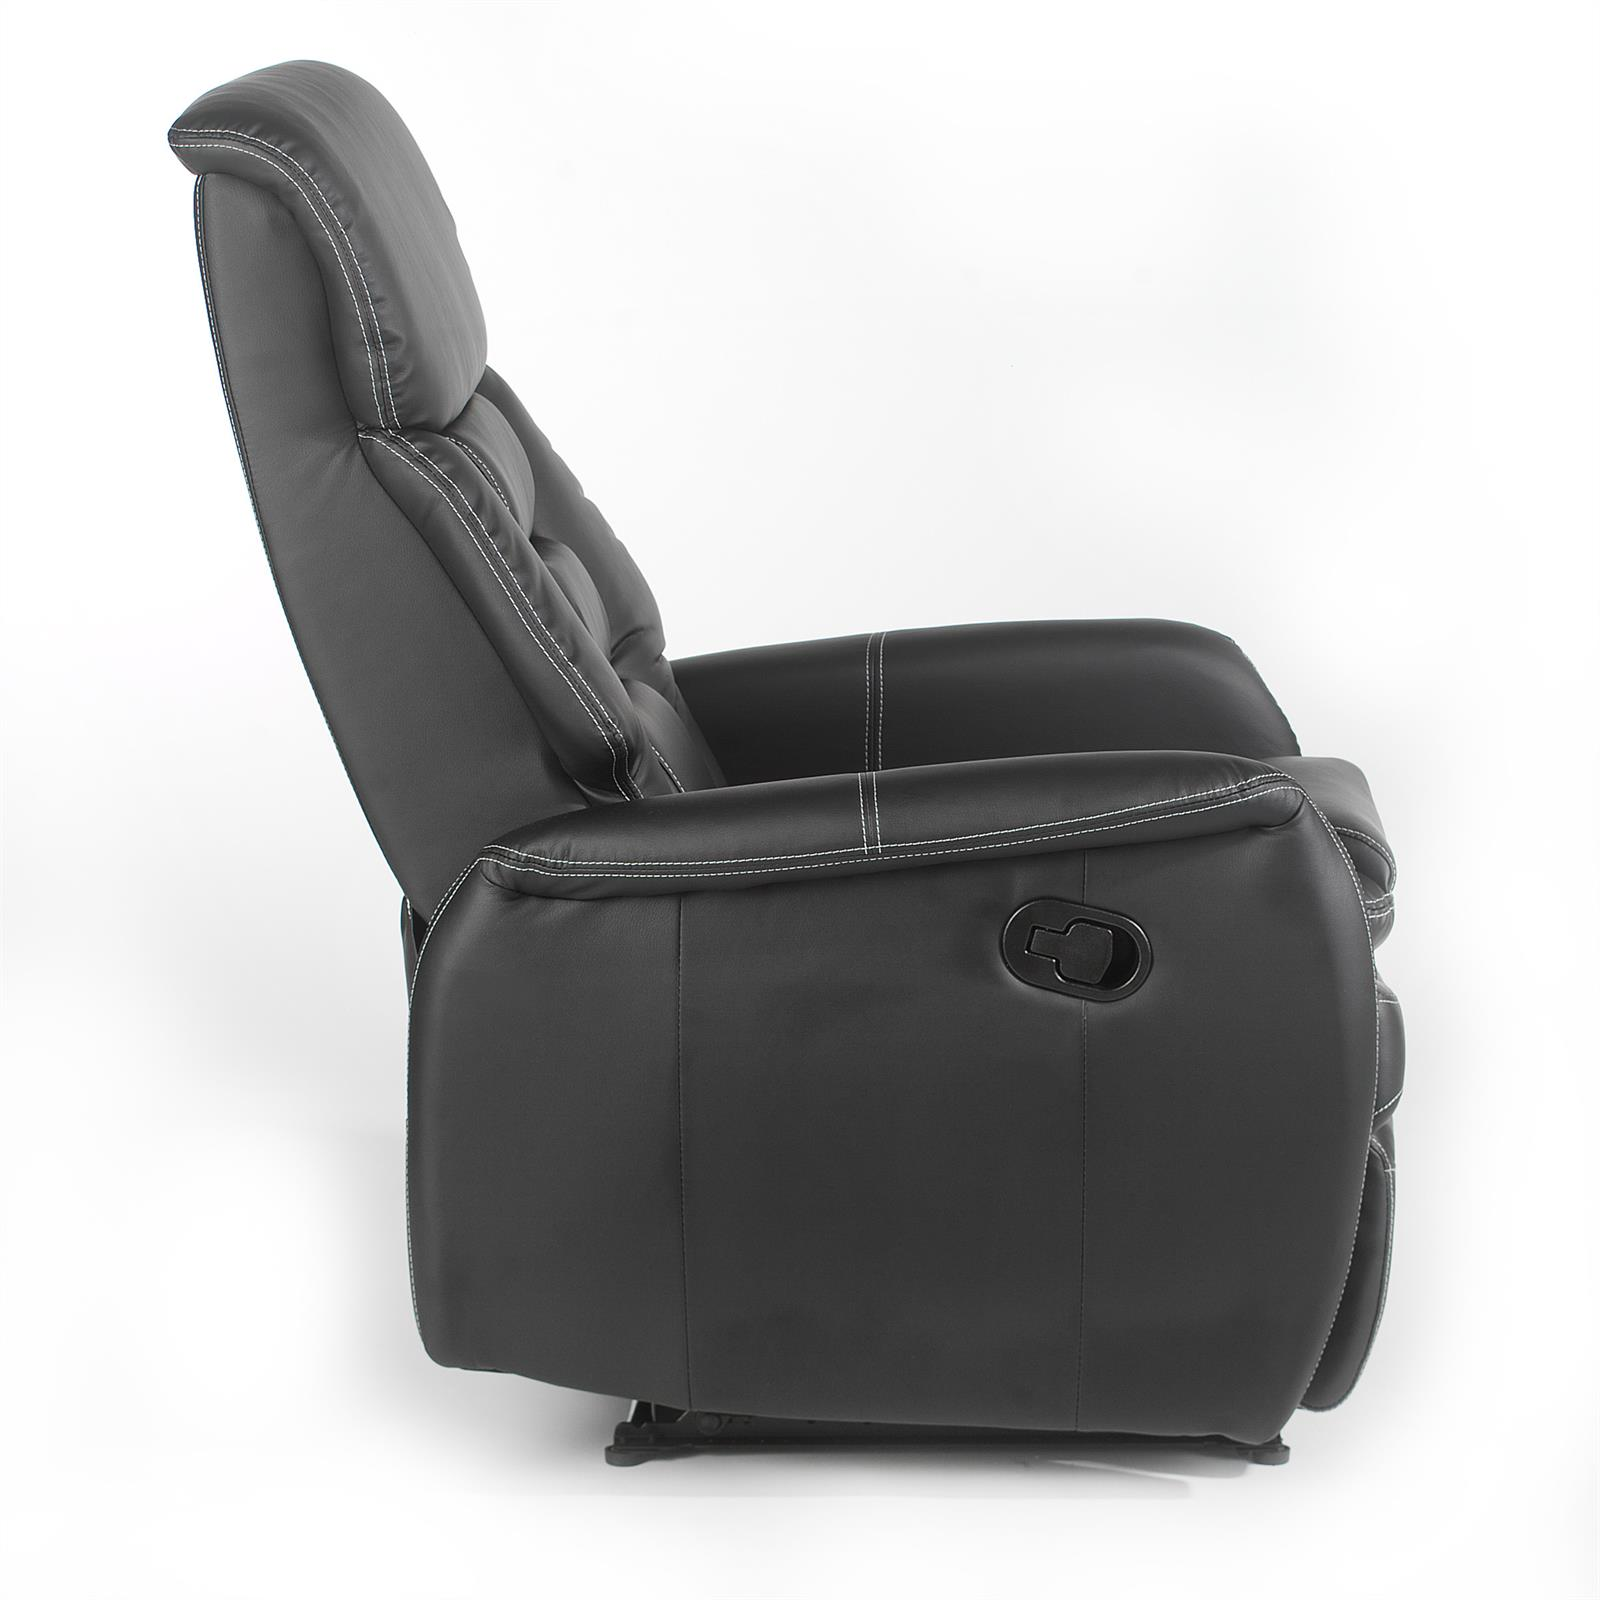 relaxsessel in schwarz mit liegefunktion caro m bel